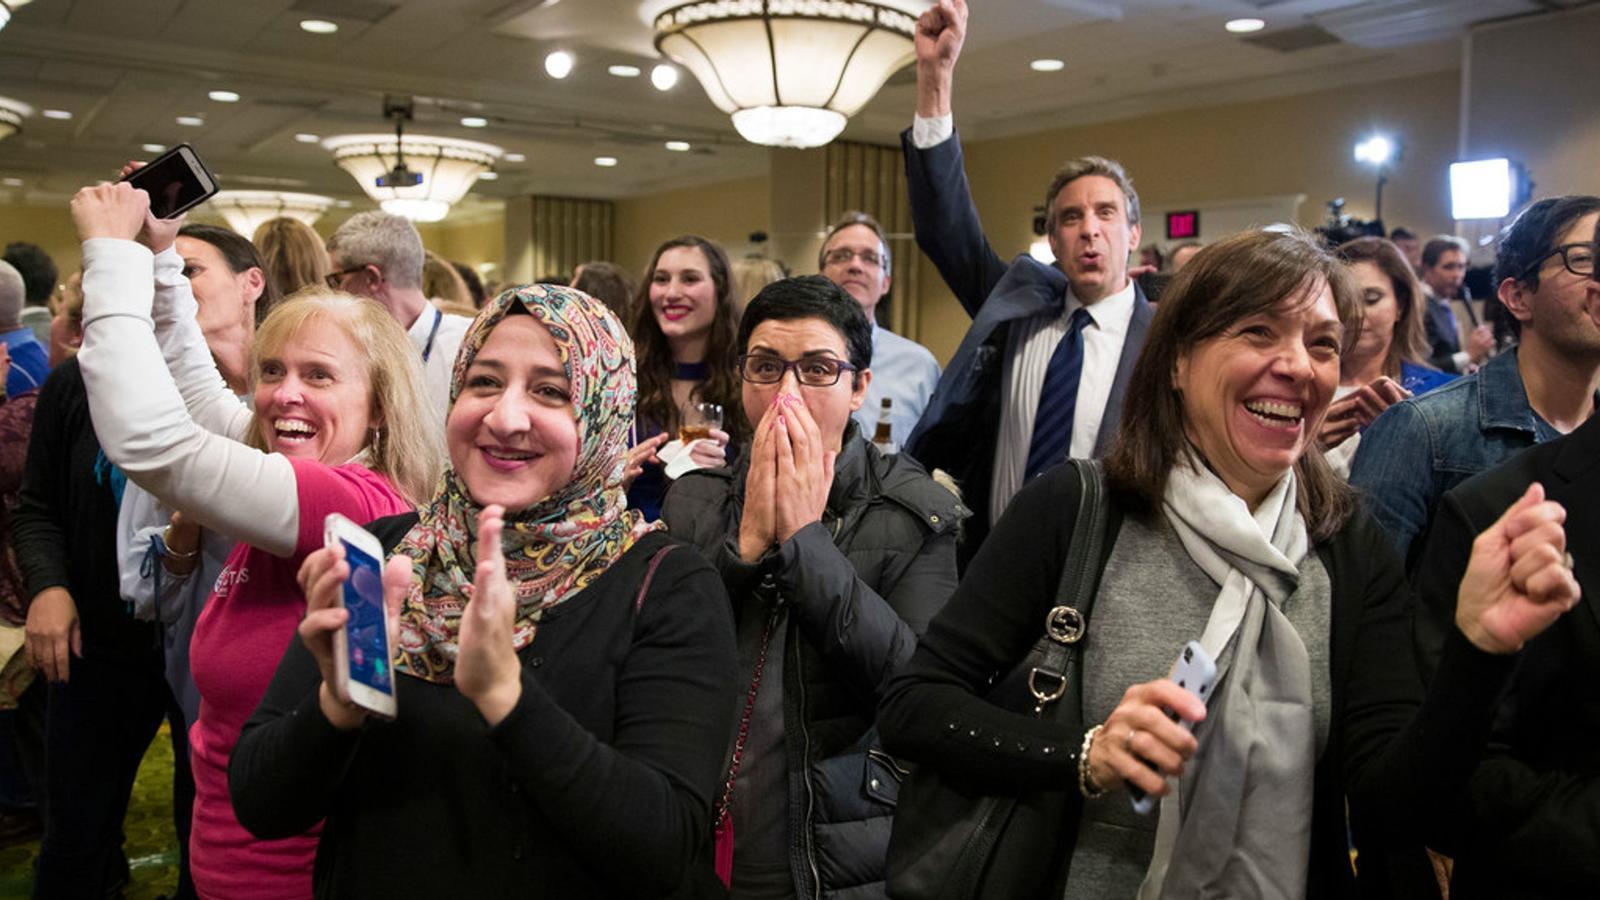 Els demòcrates recuperen el control de la Cambra de Representants dels EUA